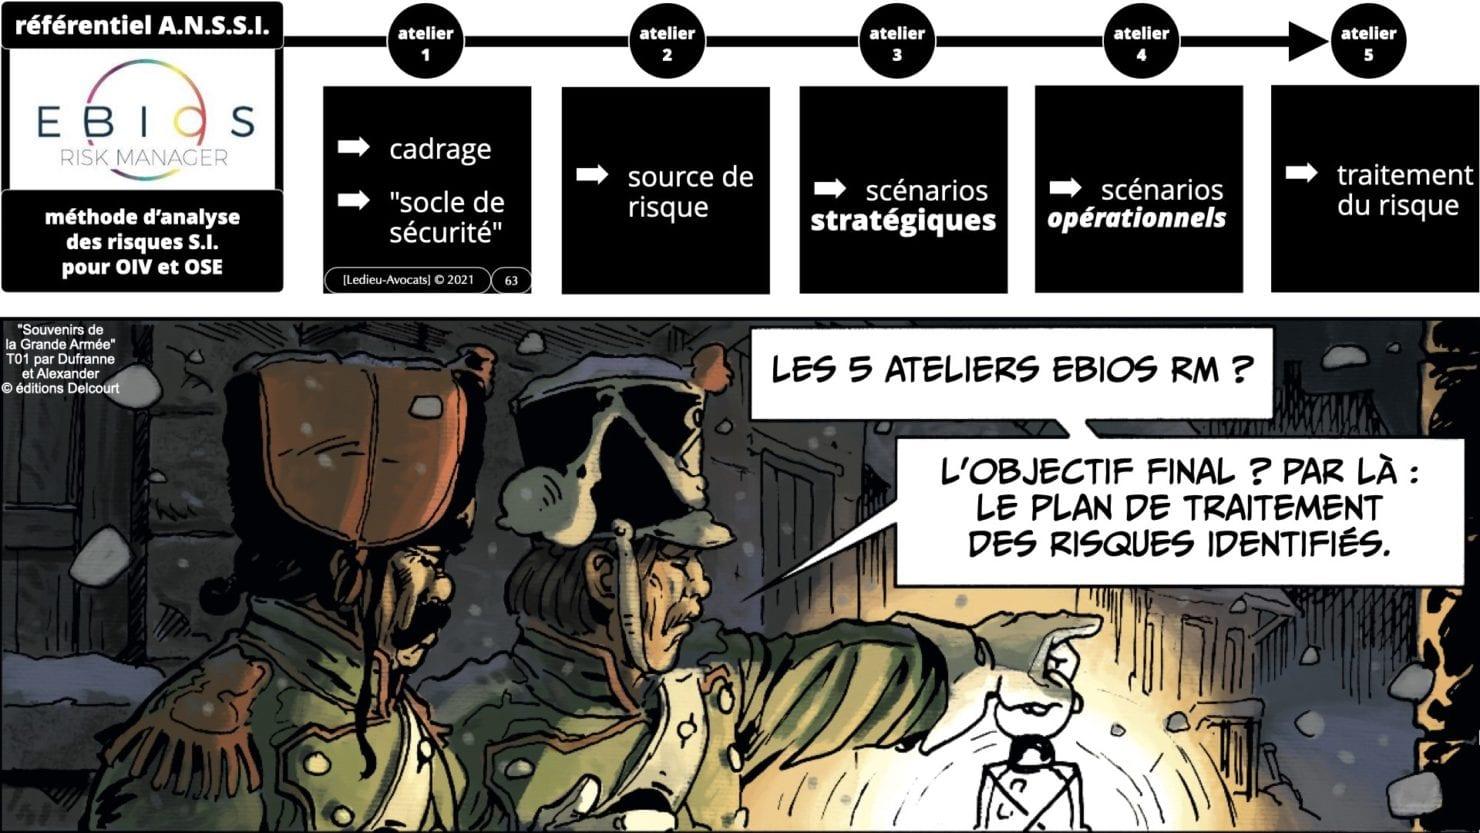 342 cyber sécurité #2 OIV OSE analyse risque EBIOS RM © Ledieu-avocat 15-07-2021.063